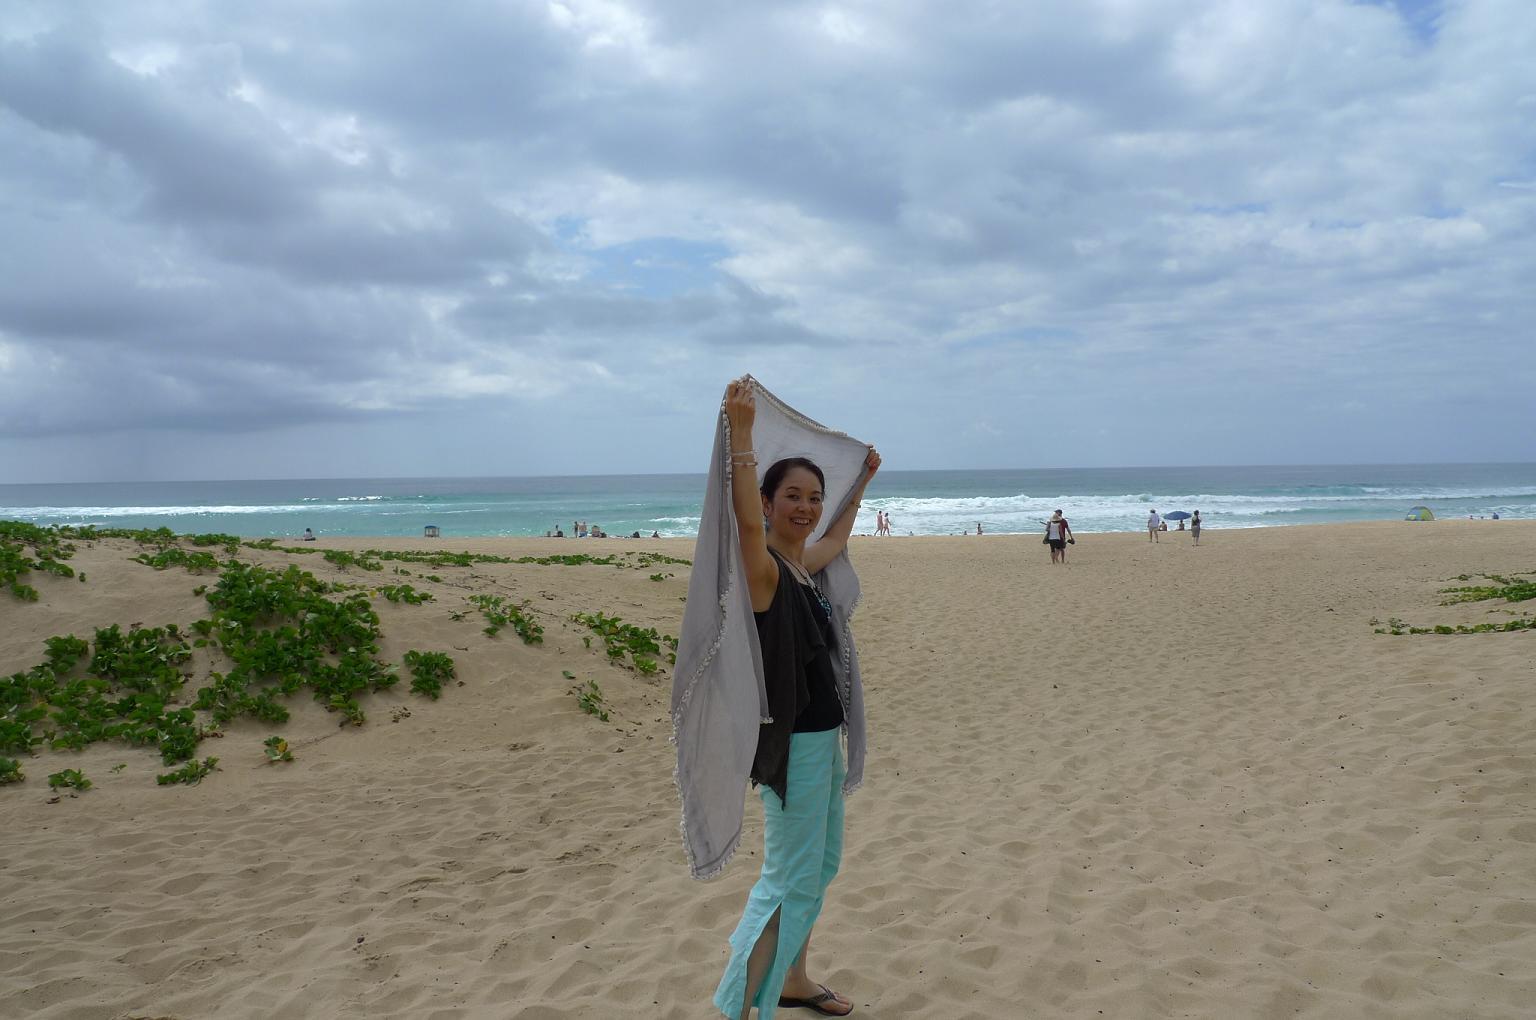 宇宙のビーチと癒しのビーチ in Hawaii_f0095325_2112457.jpg